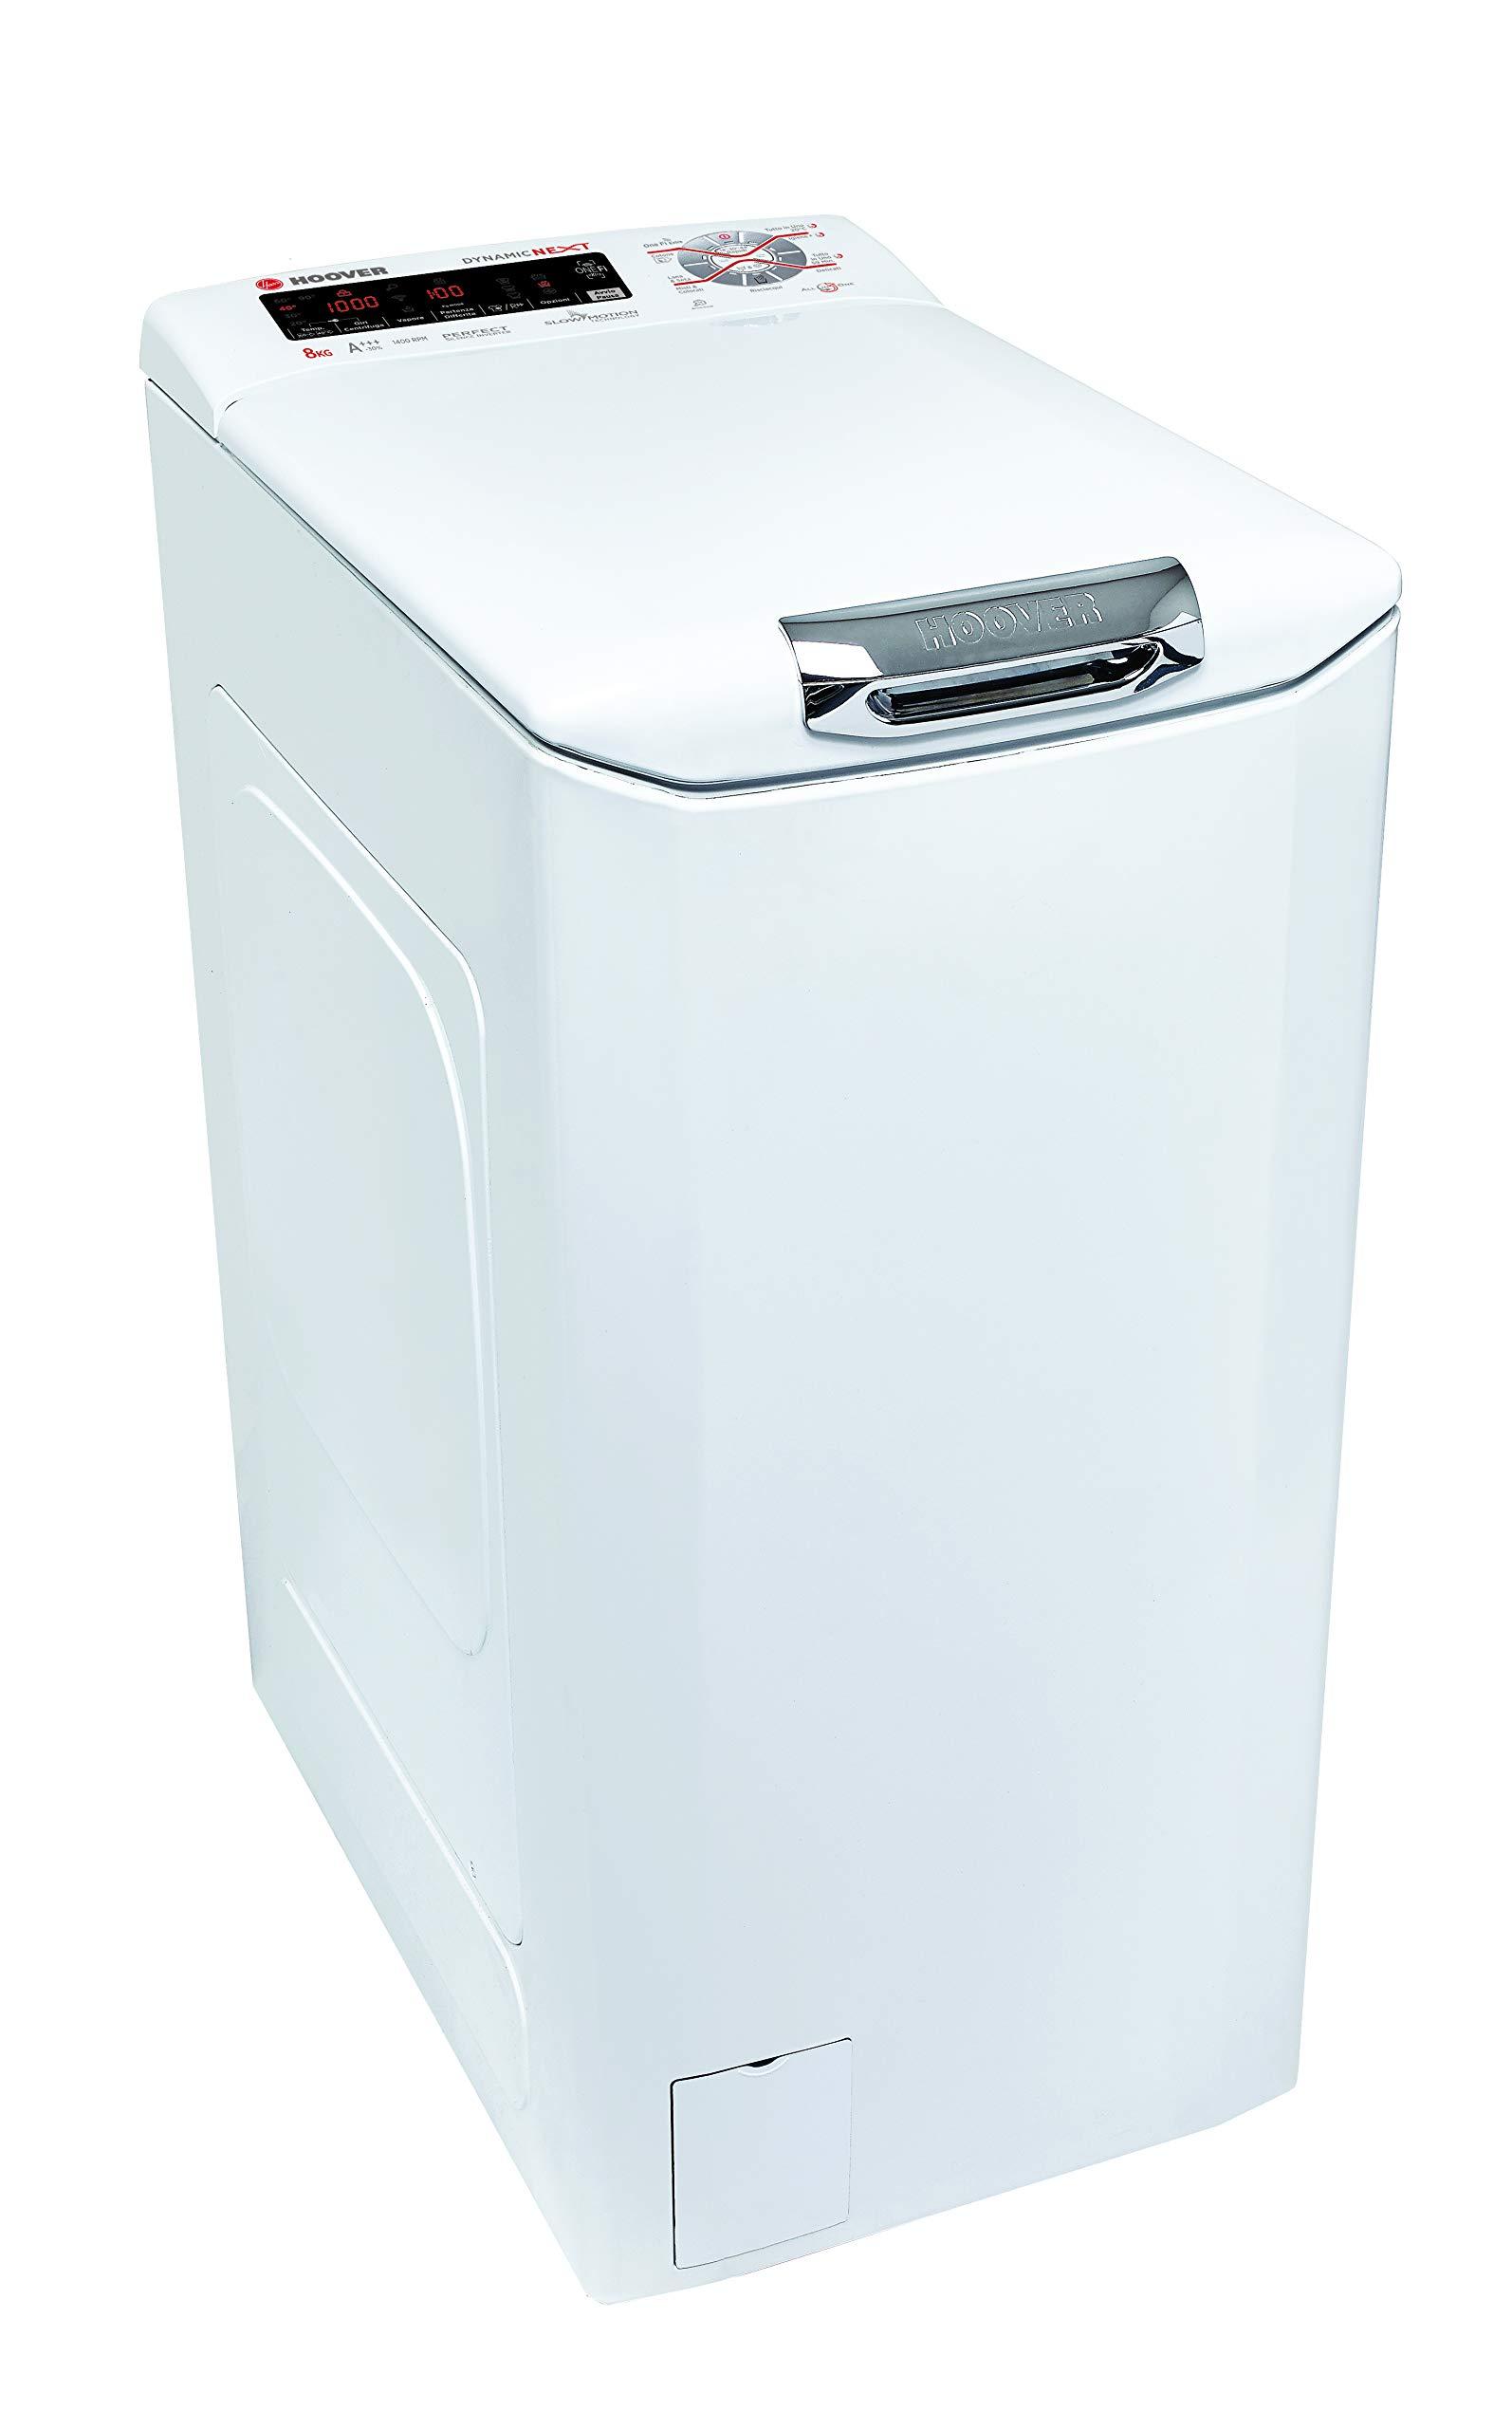 Hoover-HNFTS-S684TAH-01-Waschmaschine-freistehend-8-kg-1400-Umin-A–Waschmaschinen-freistehend-Toplader-Wei-Tasten-Touchscreen-hoch-180-